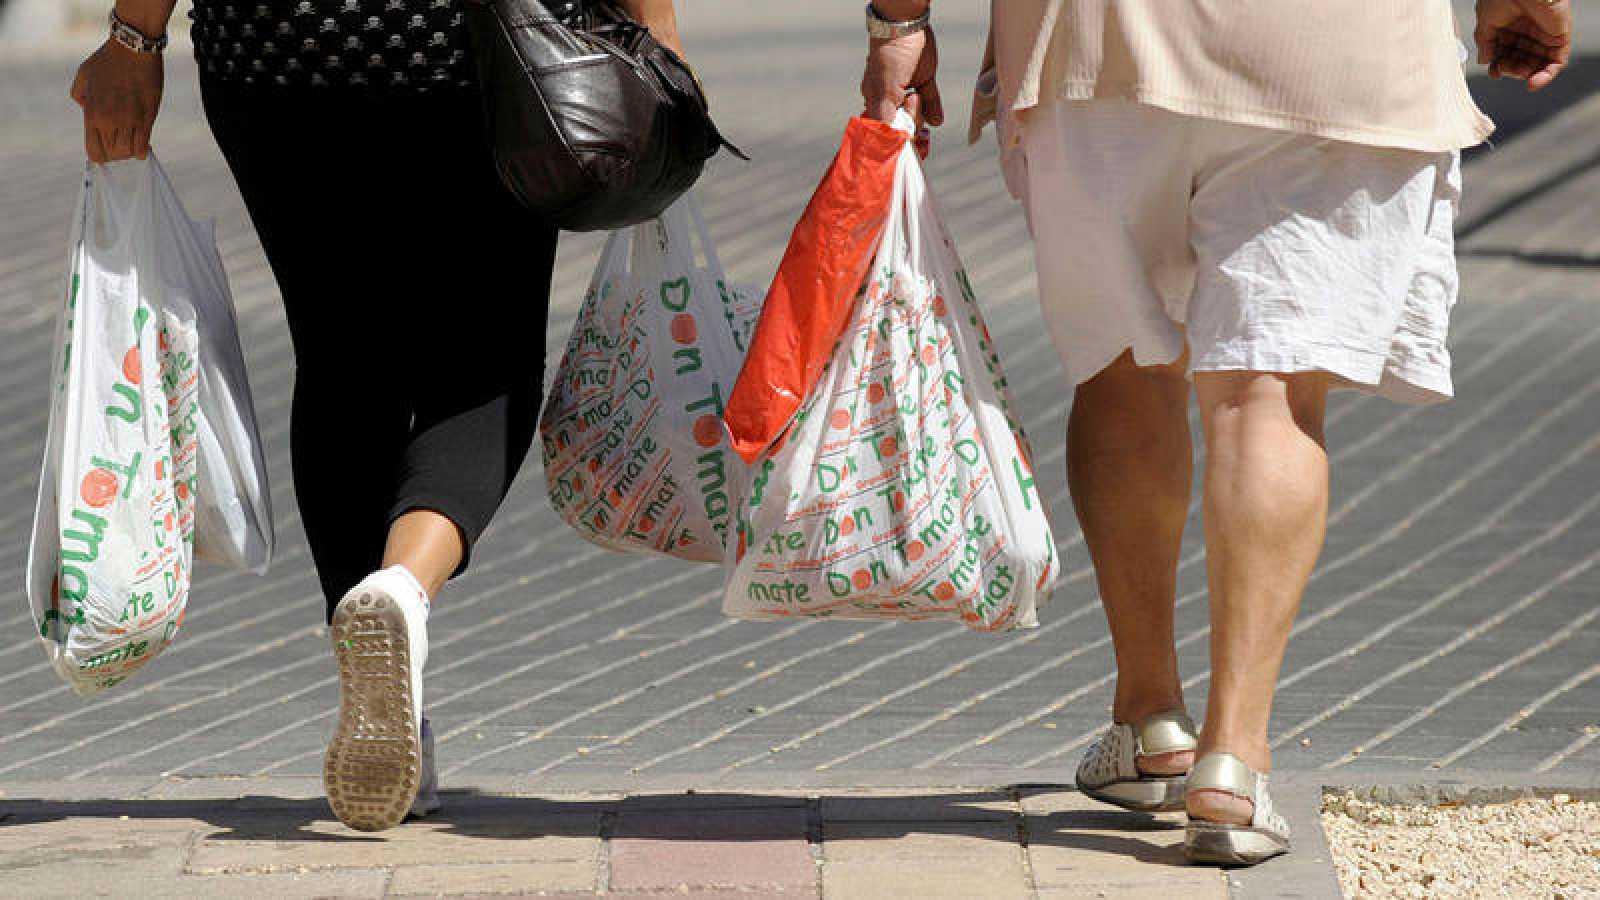 Dos mujeres llevan bolsas de plástico tras realizar unas compras.